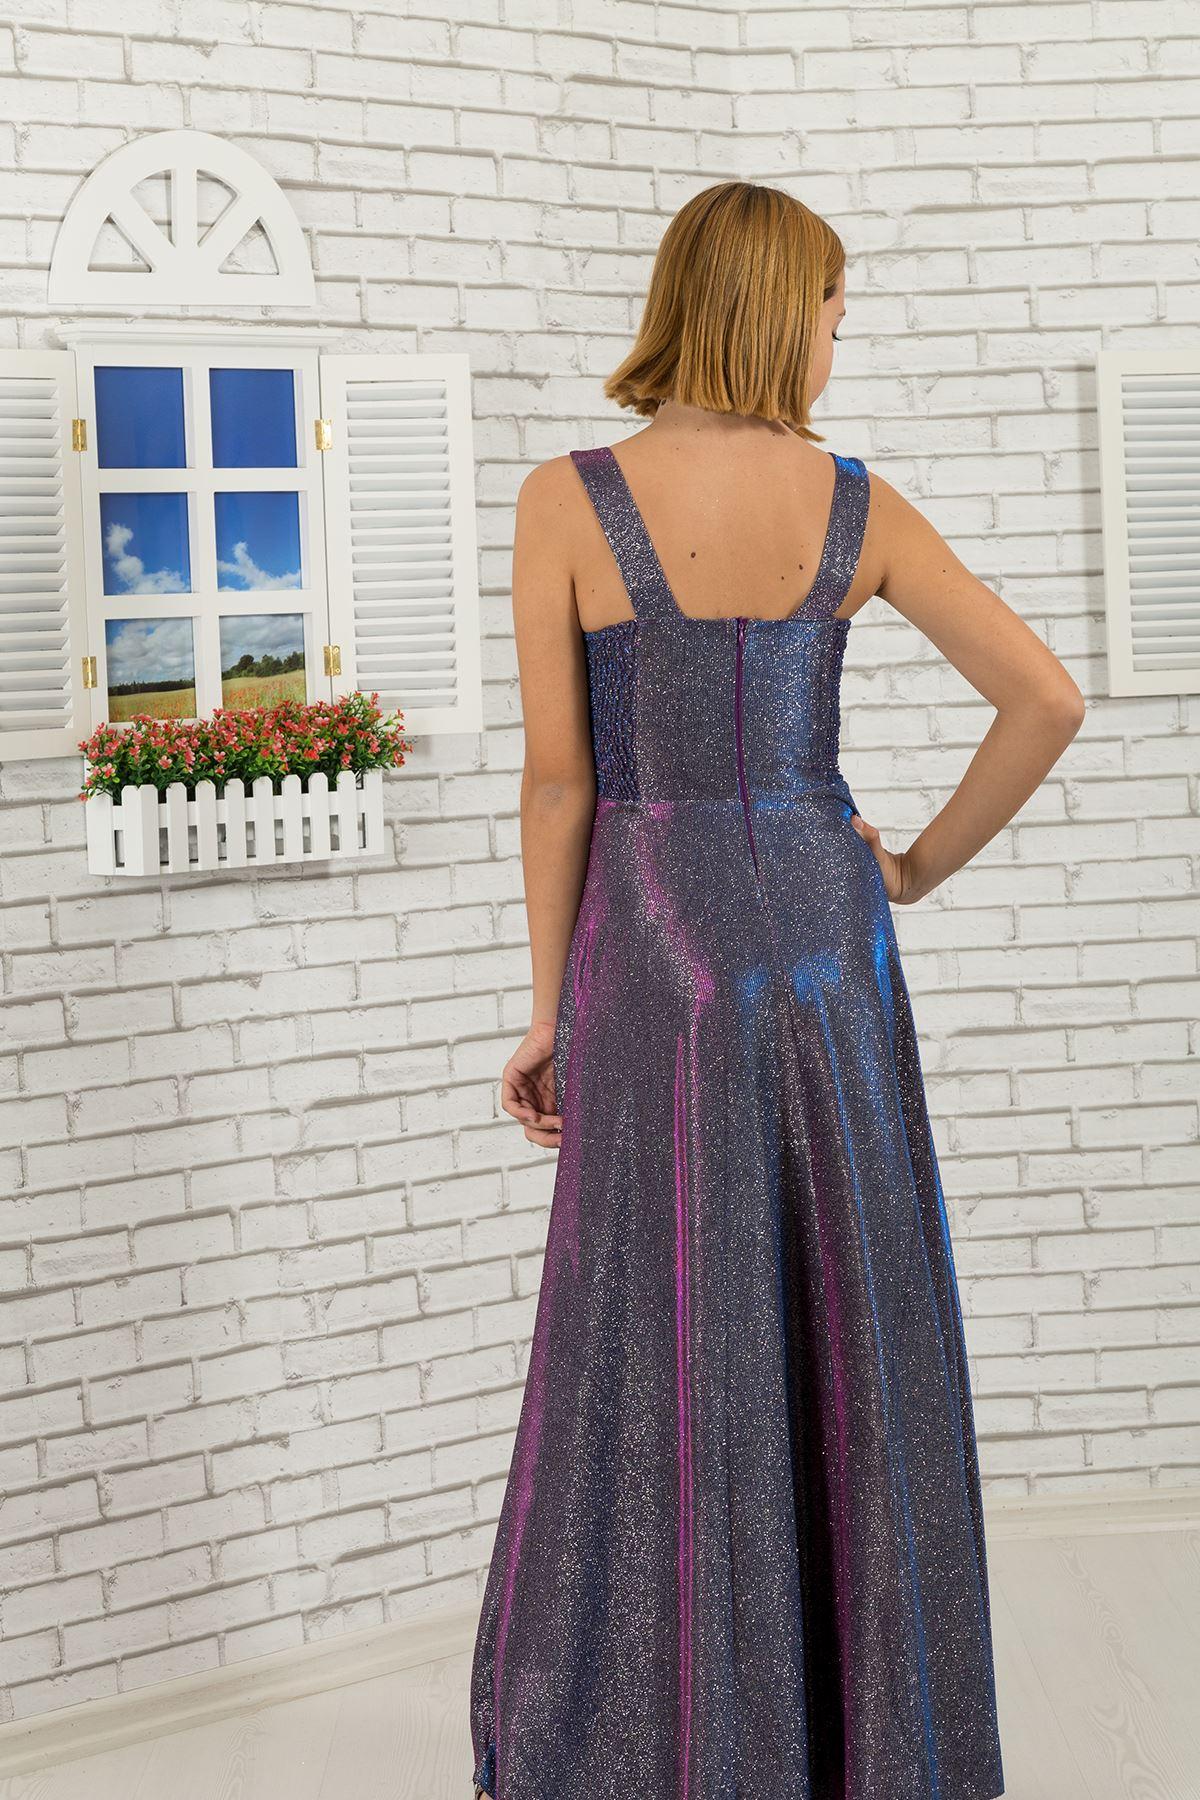 Taille détaillée, argenté Tissu Fille Enfants Robe de soirée 479 Violet